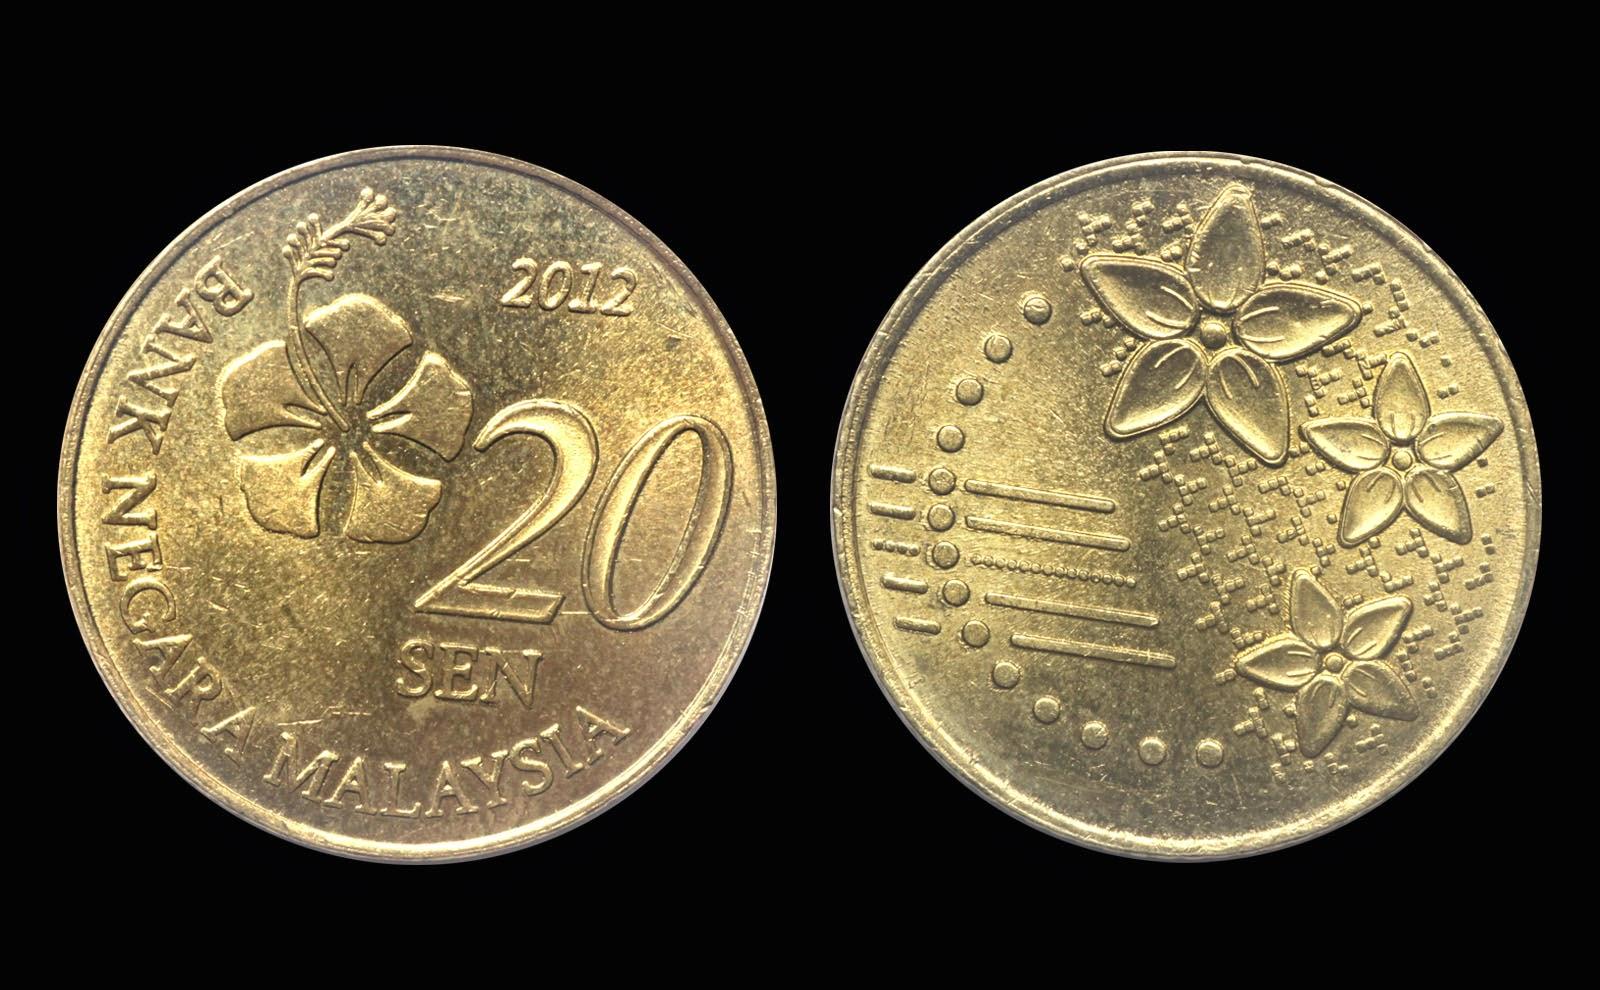 Malaysia 20 sen 2012 coin